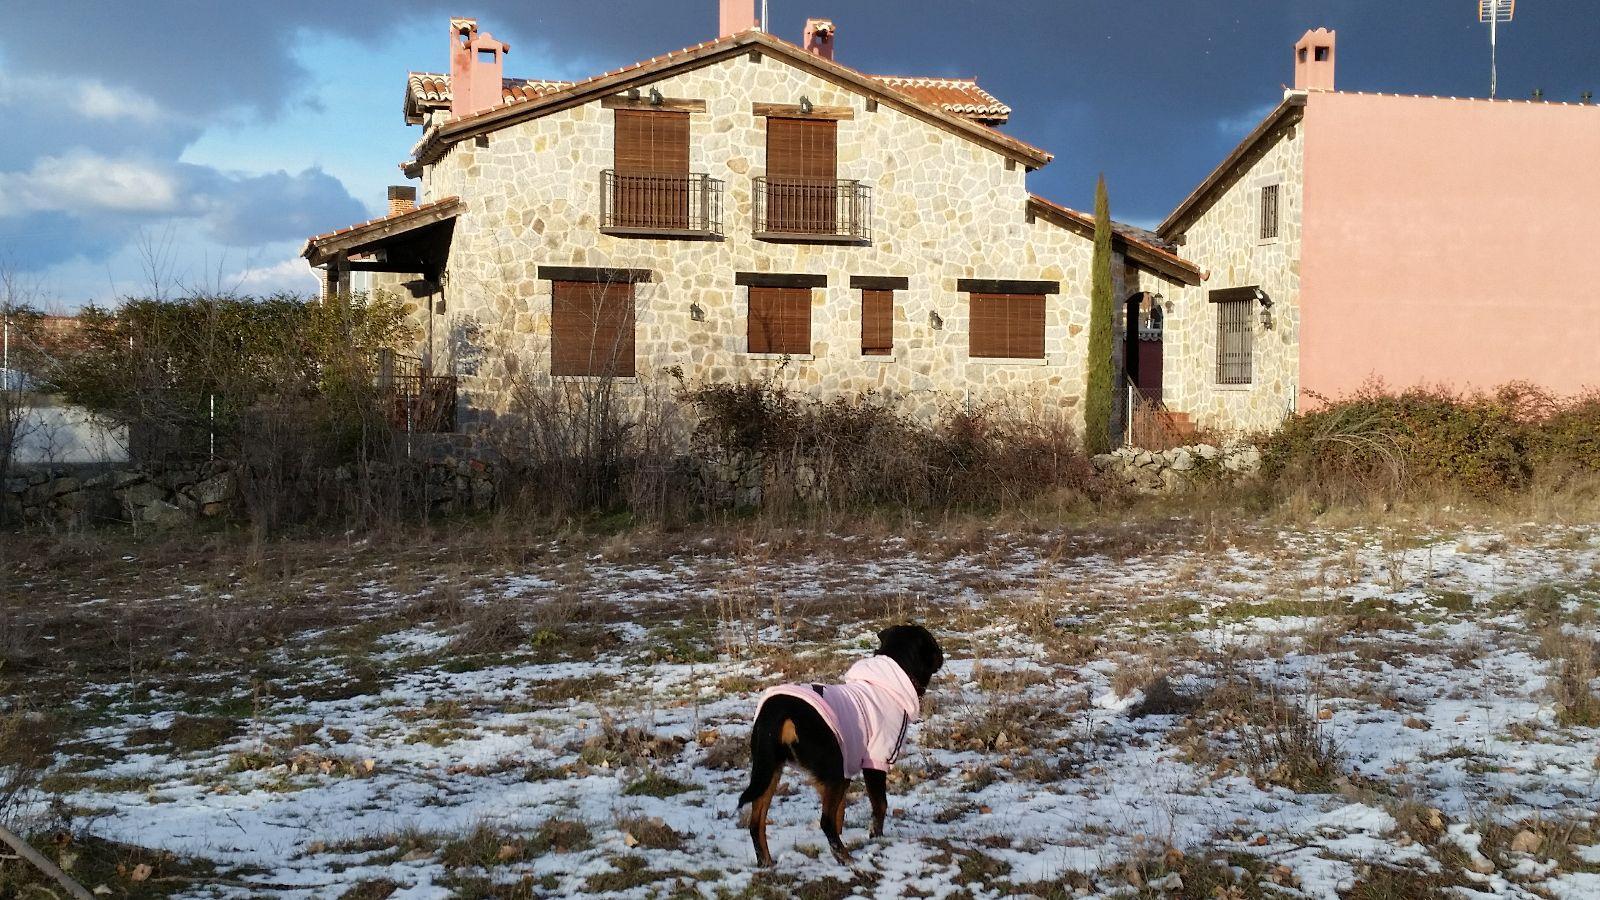 Opiniones sobre casa rural el vallejo vila - Casa rural el vallejo ...